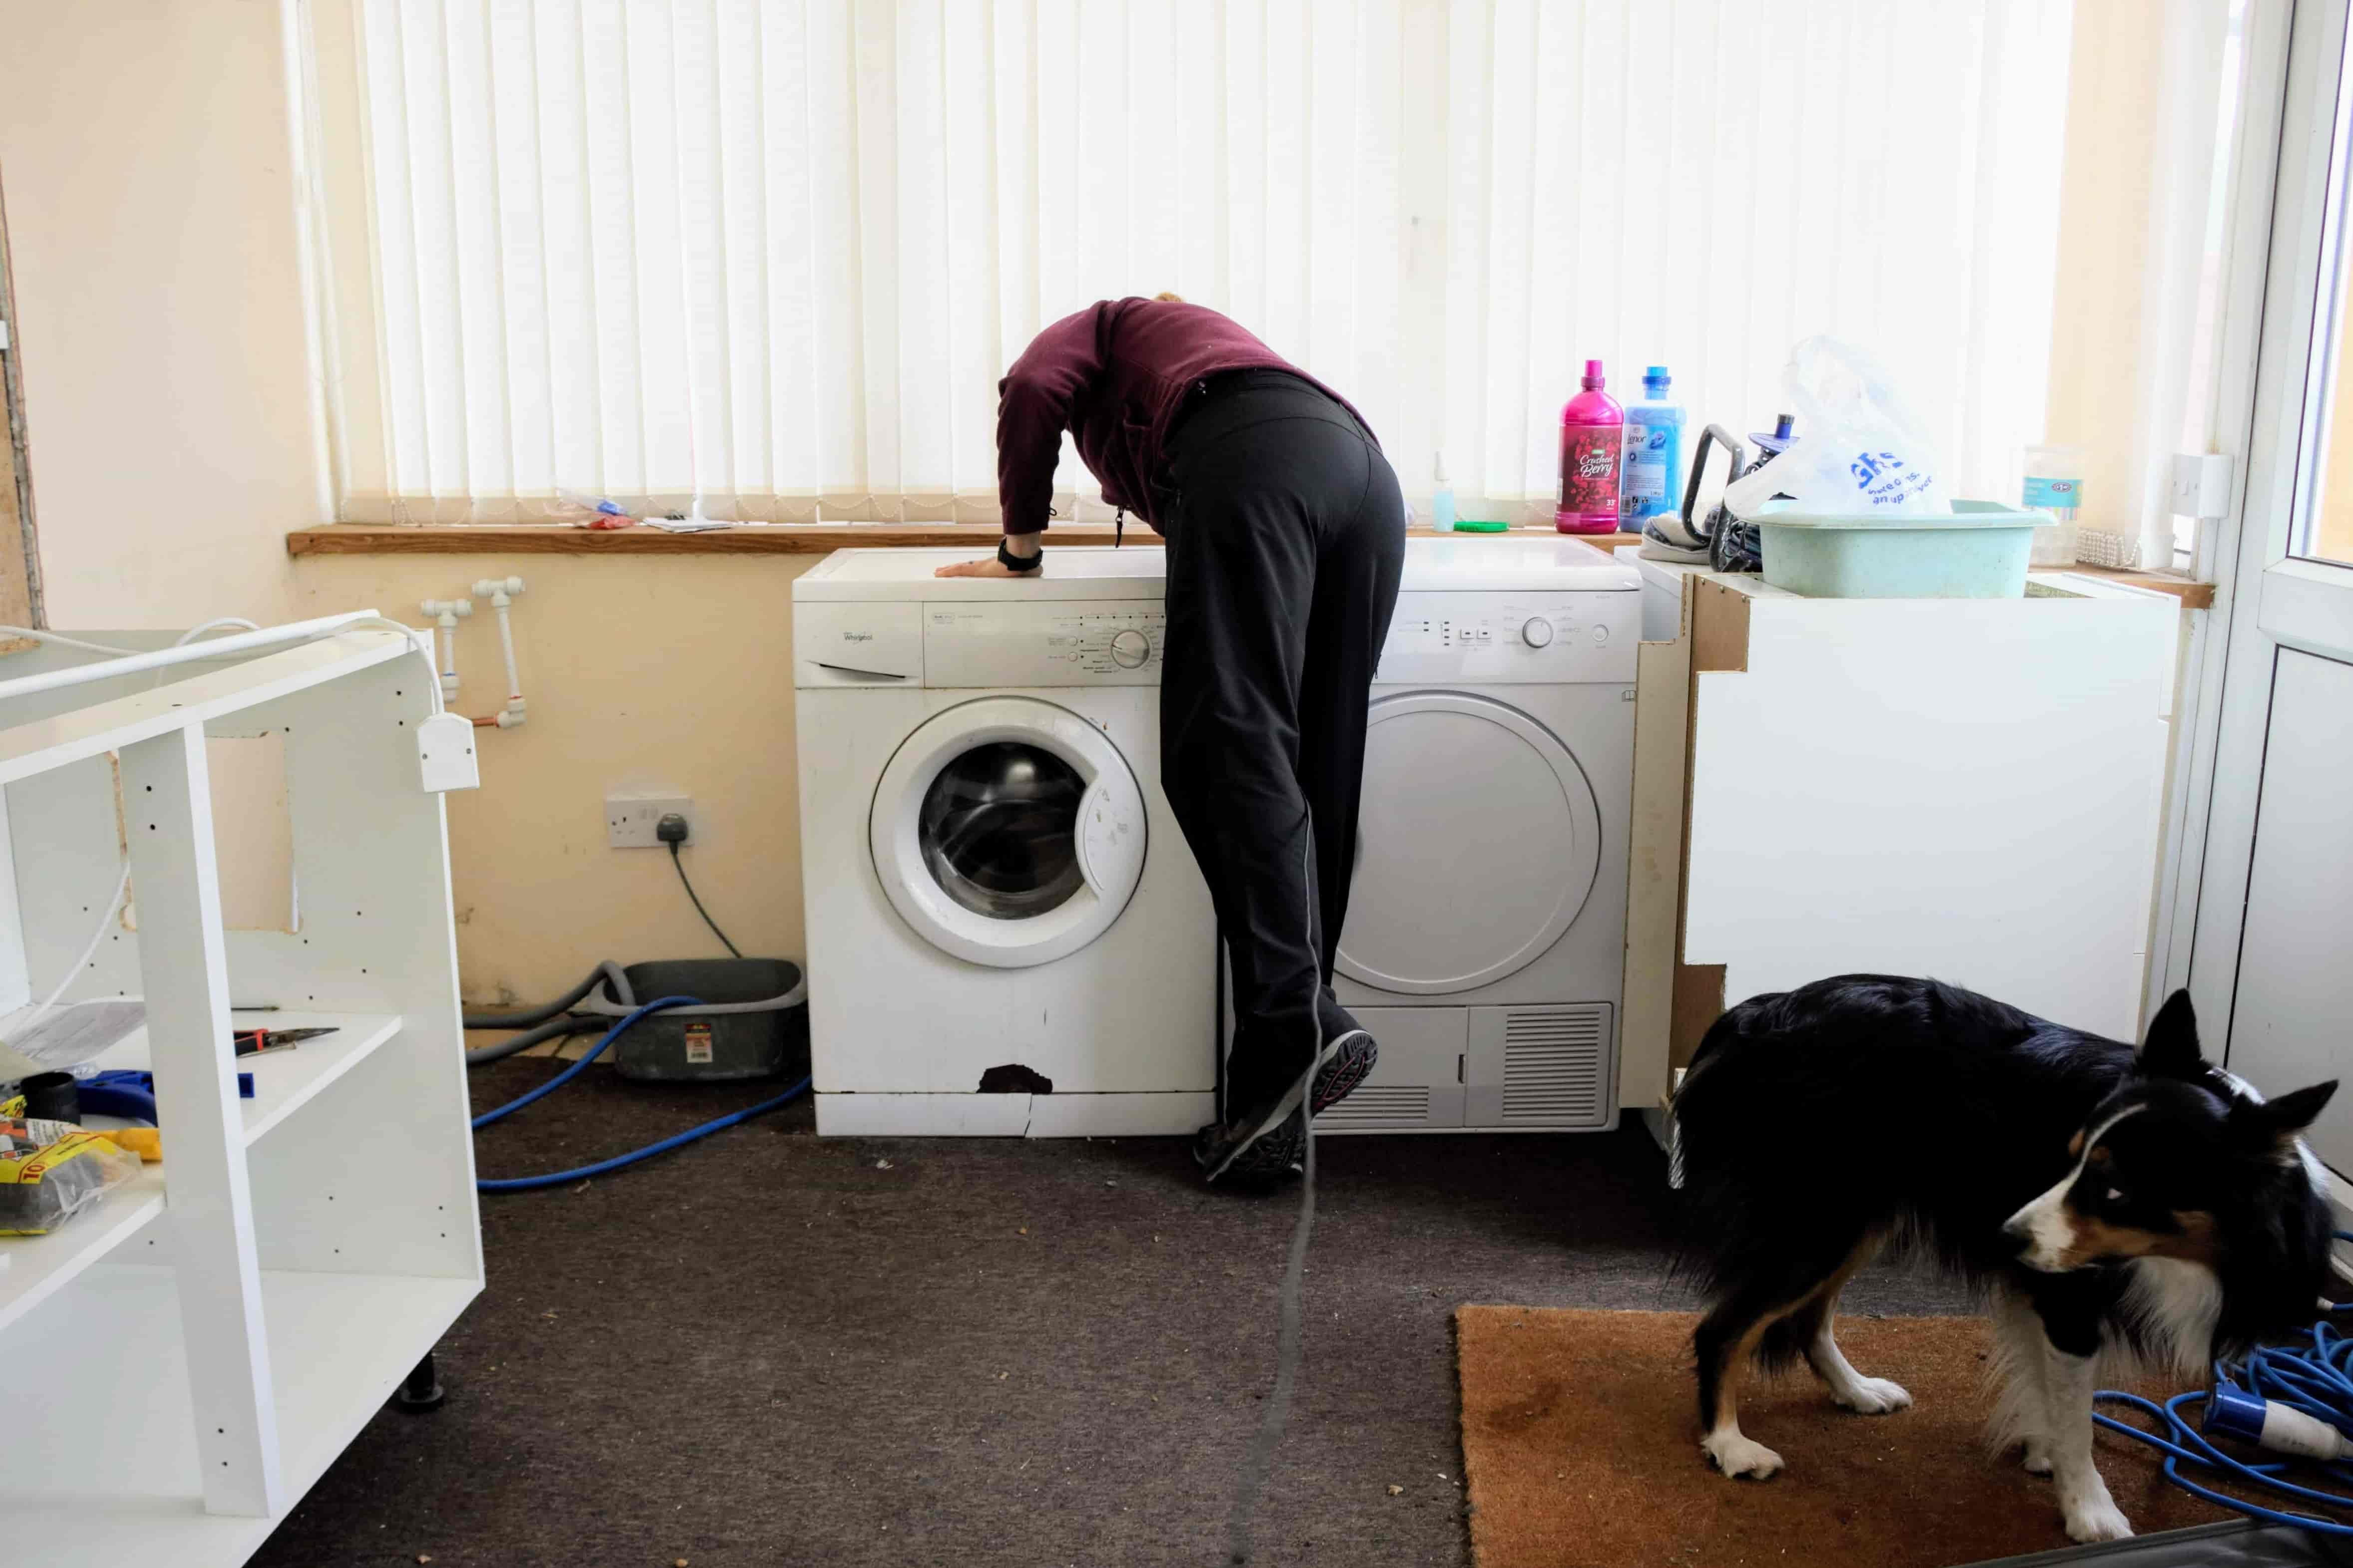 fitting speedfit pumbing at back of washing machine